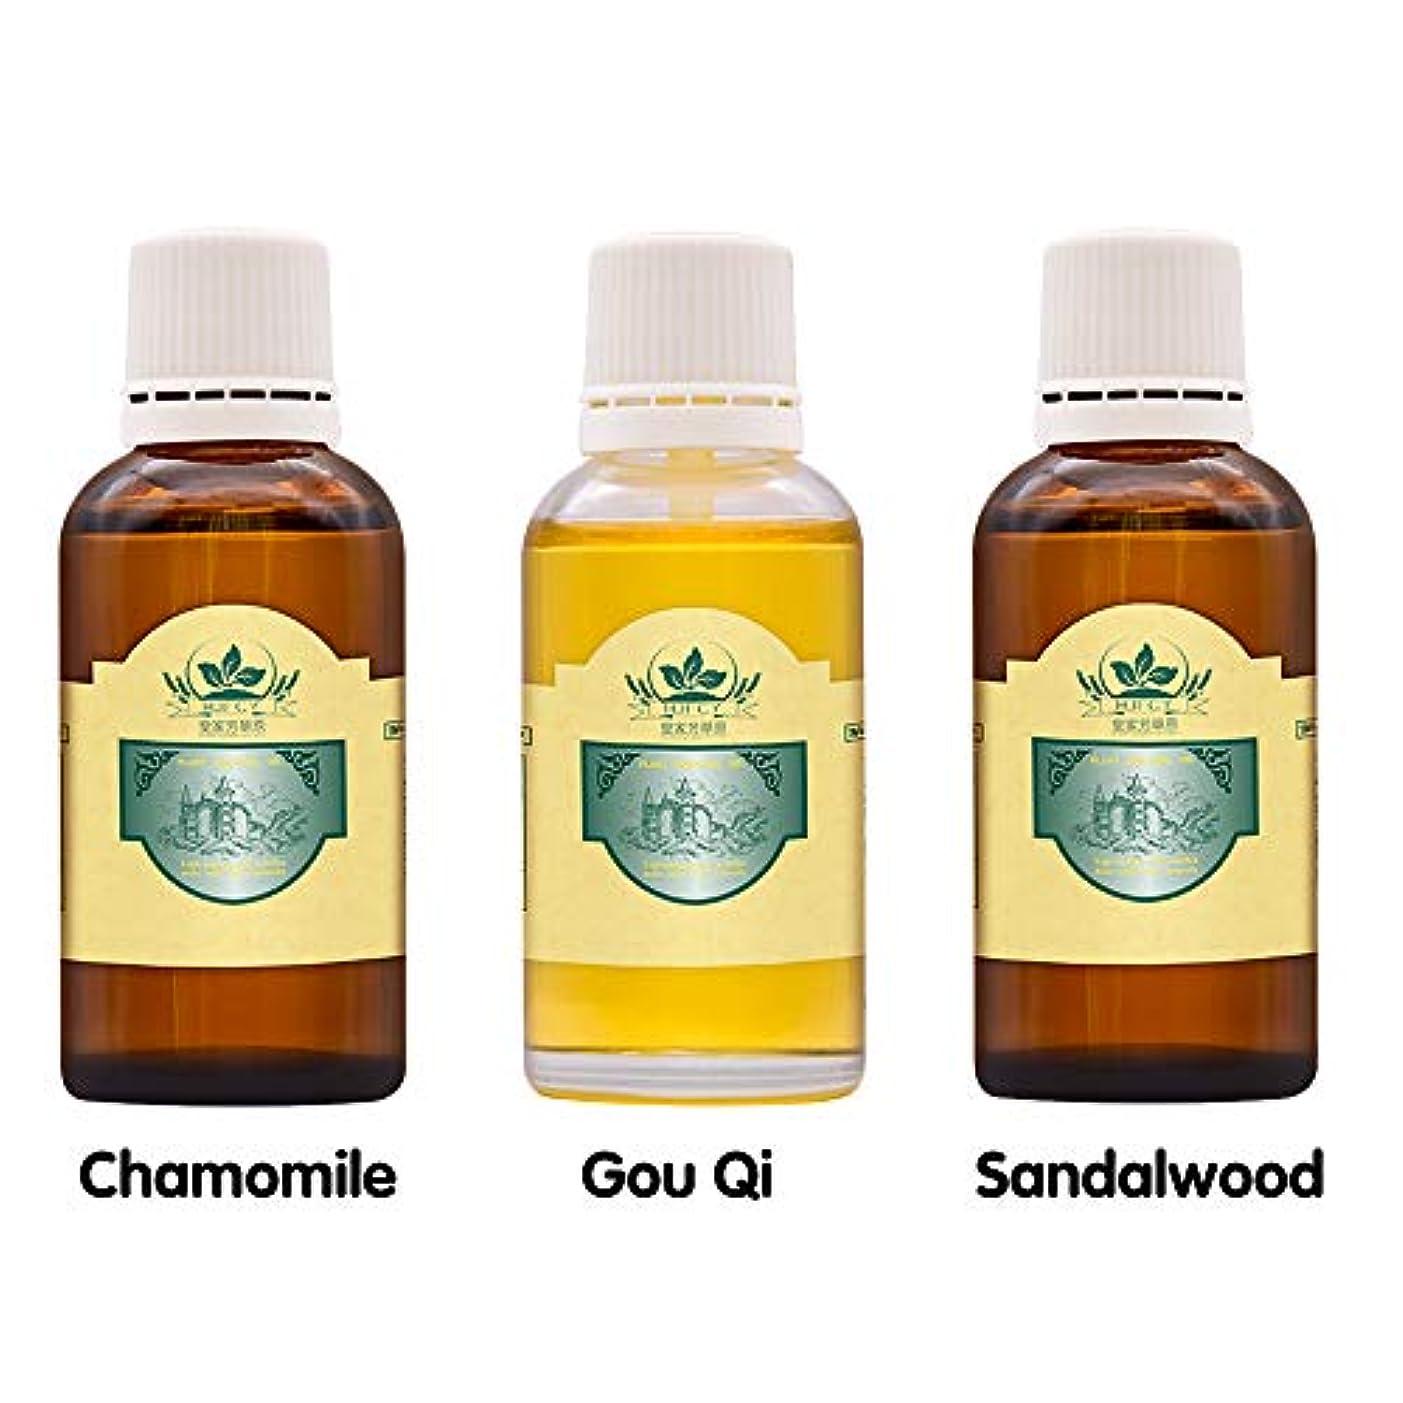 キャプチャー想像力豊かな不一致100%天然エッセンシャルオイル、白檀のエッセンシャルオイル、ユーカリのエッセンシャルオイル、カモミールのエッセンシャルオイル、高品質のエッセンシャルオイルのマッサージエッセンシャルオイル30ml